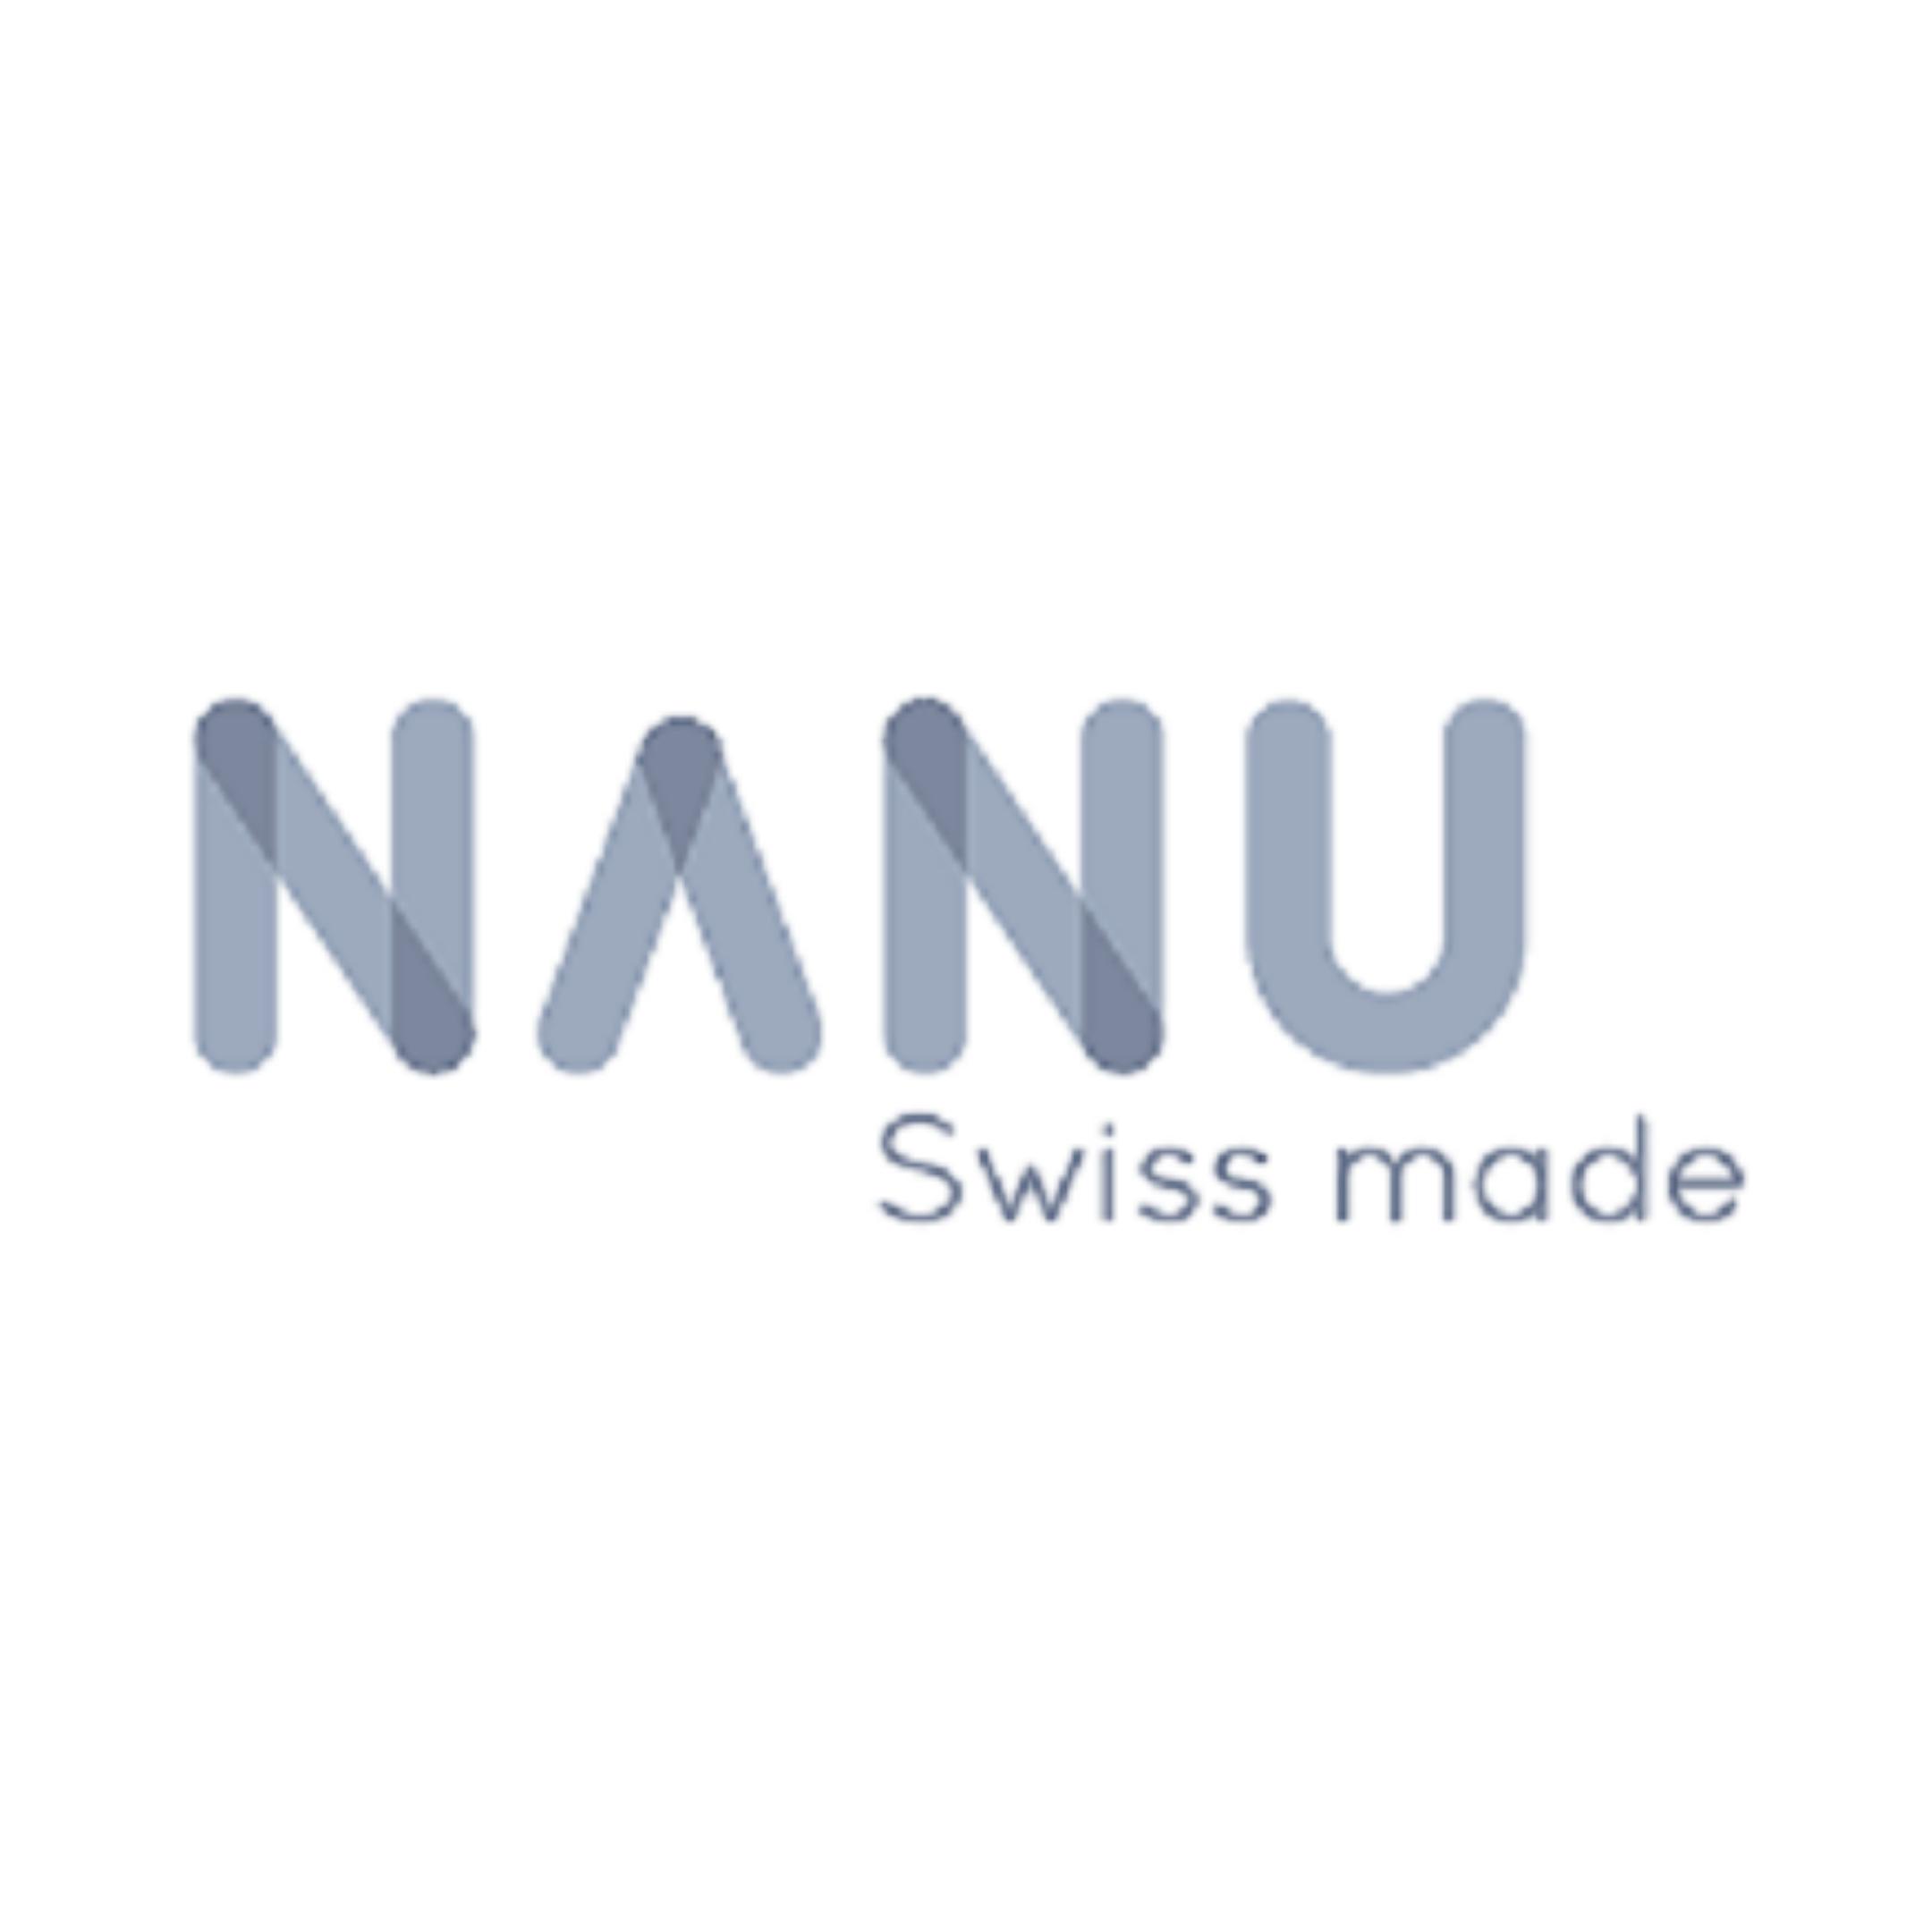 NANU swiss made